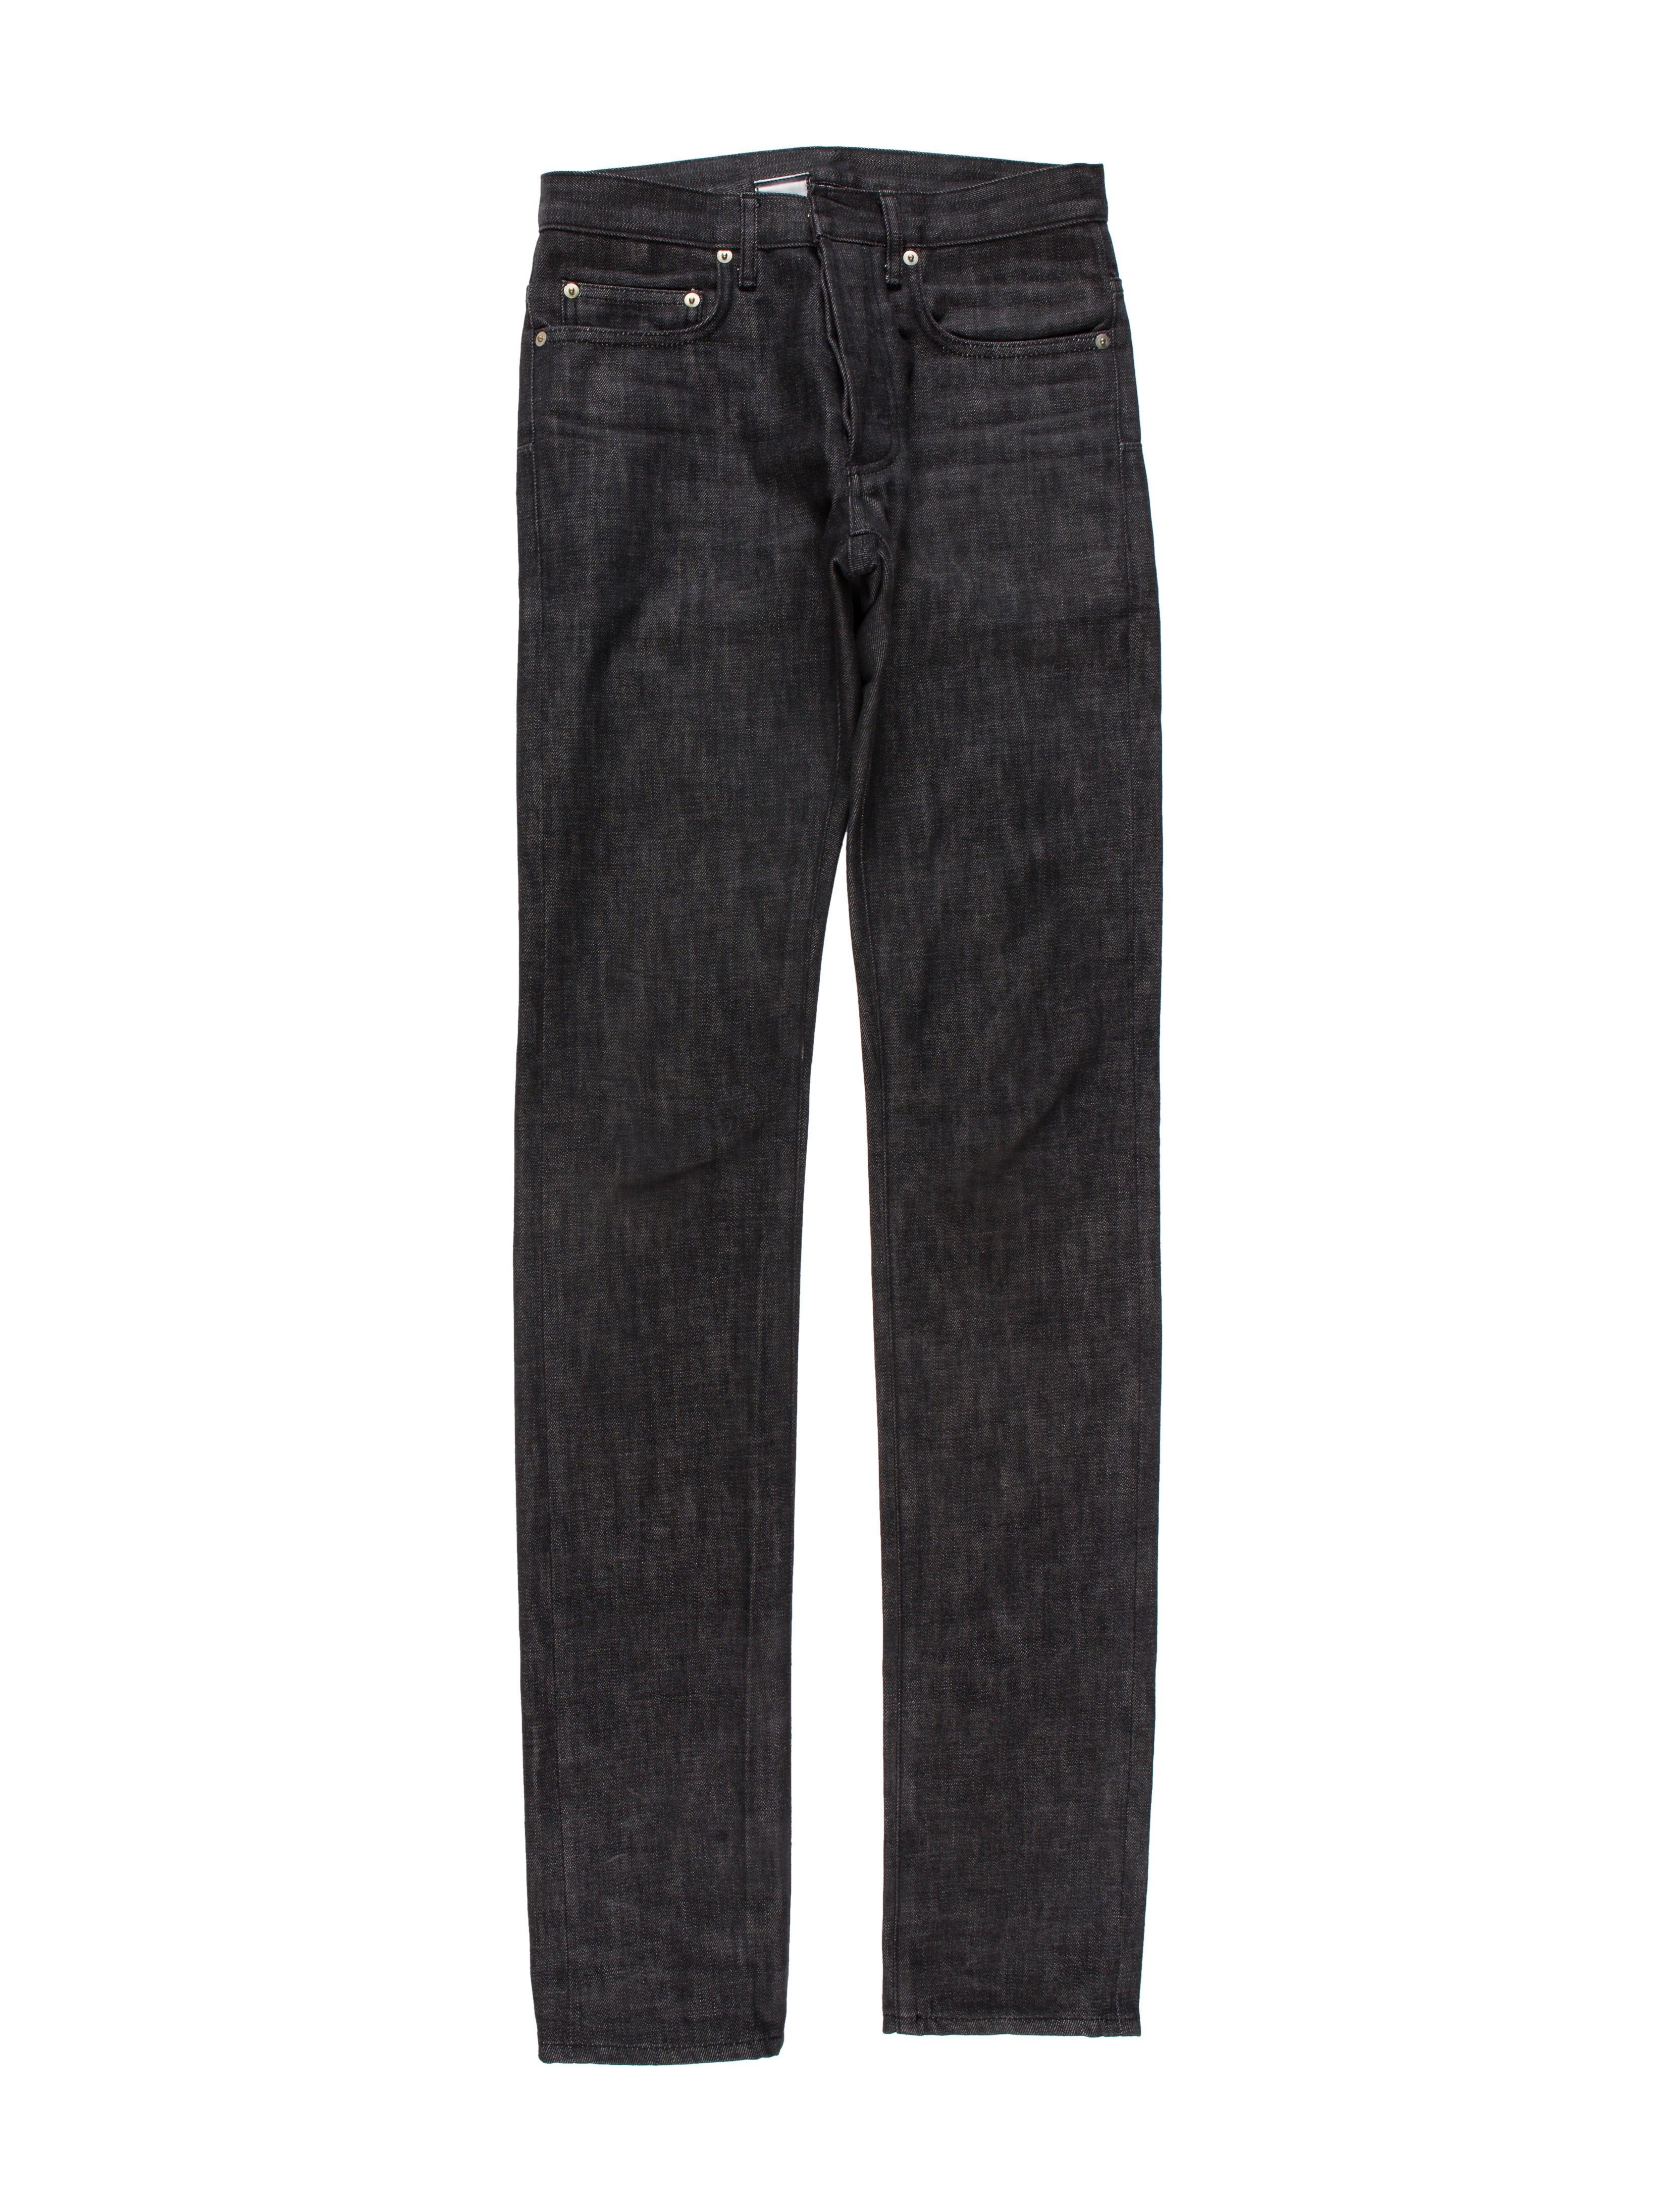 dior homme five pocket skinny jeans clothing hmm23009. Black Bedroom Furniture Sets. Home Design Ideas